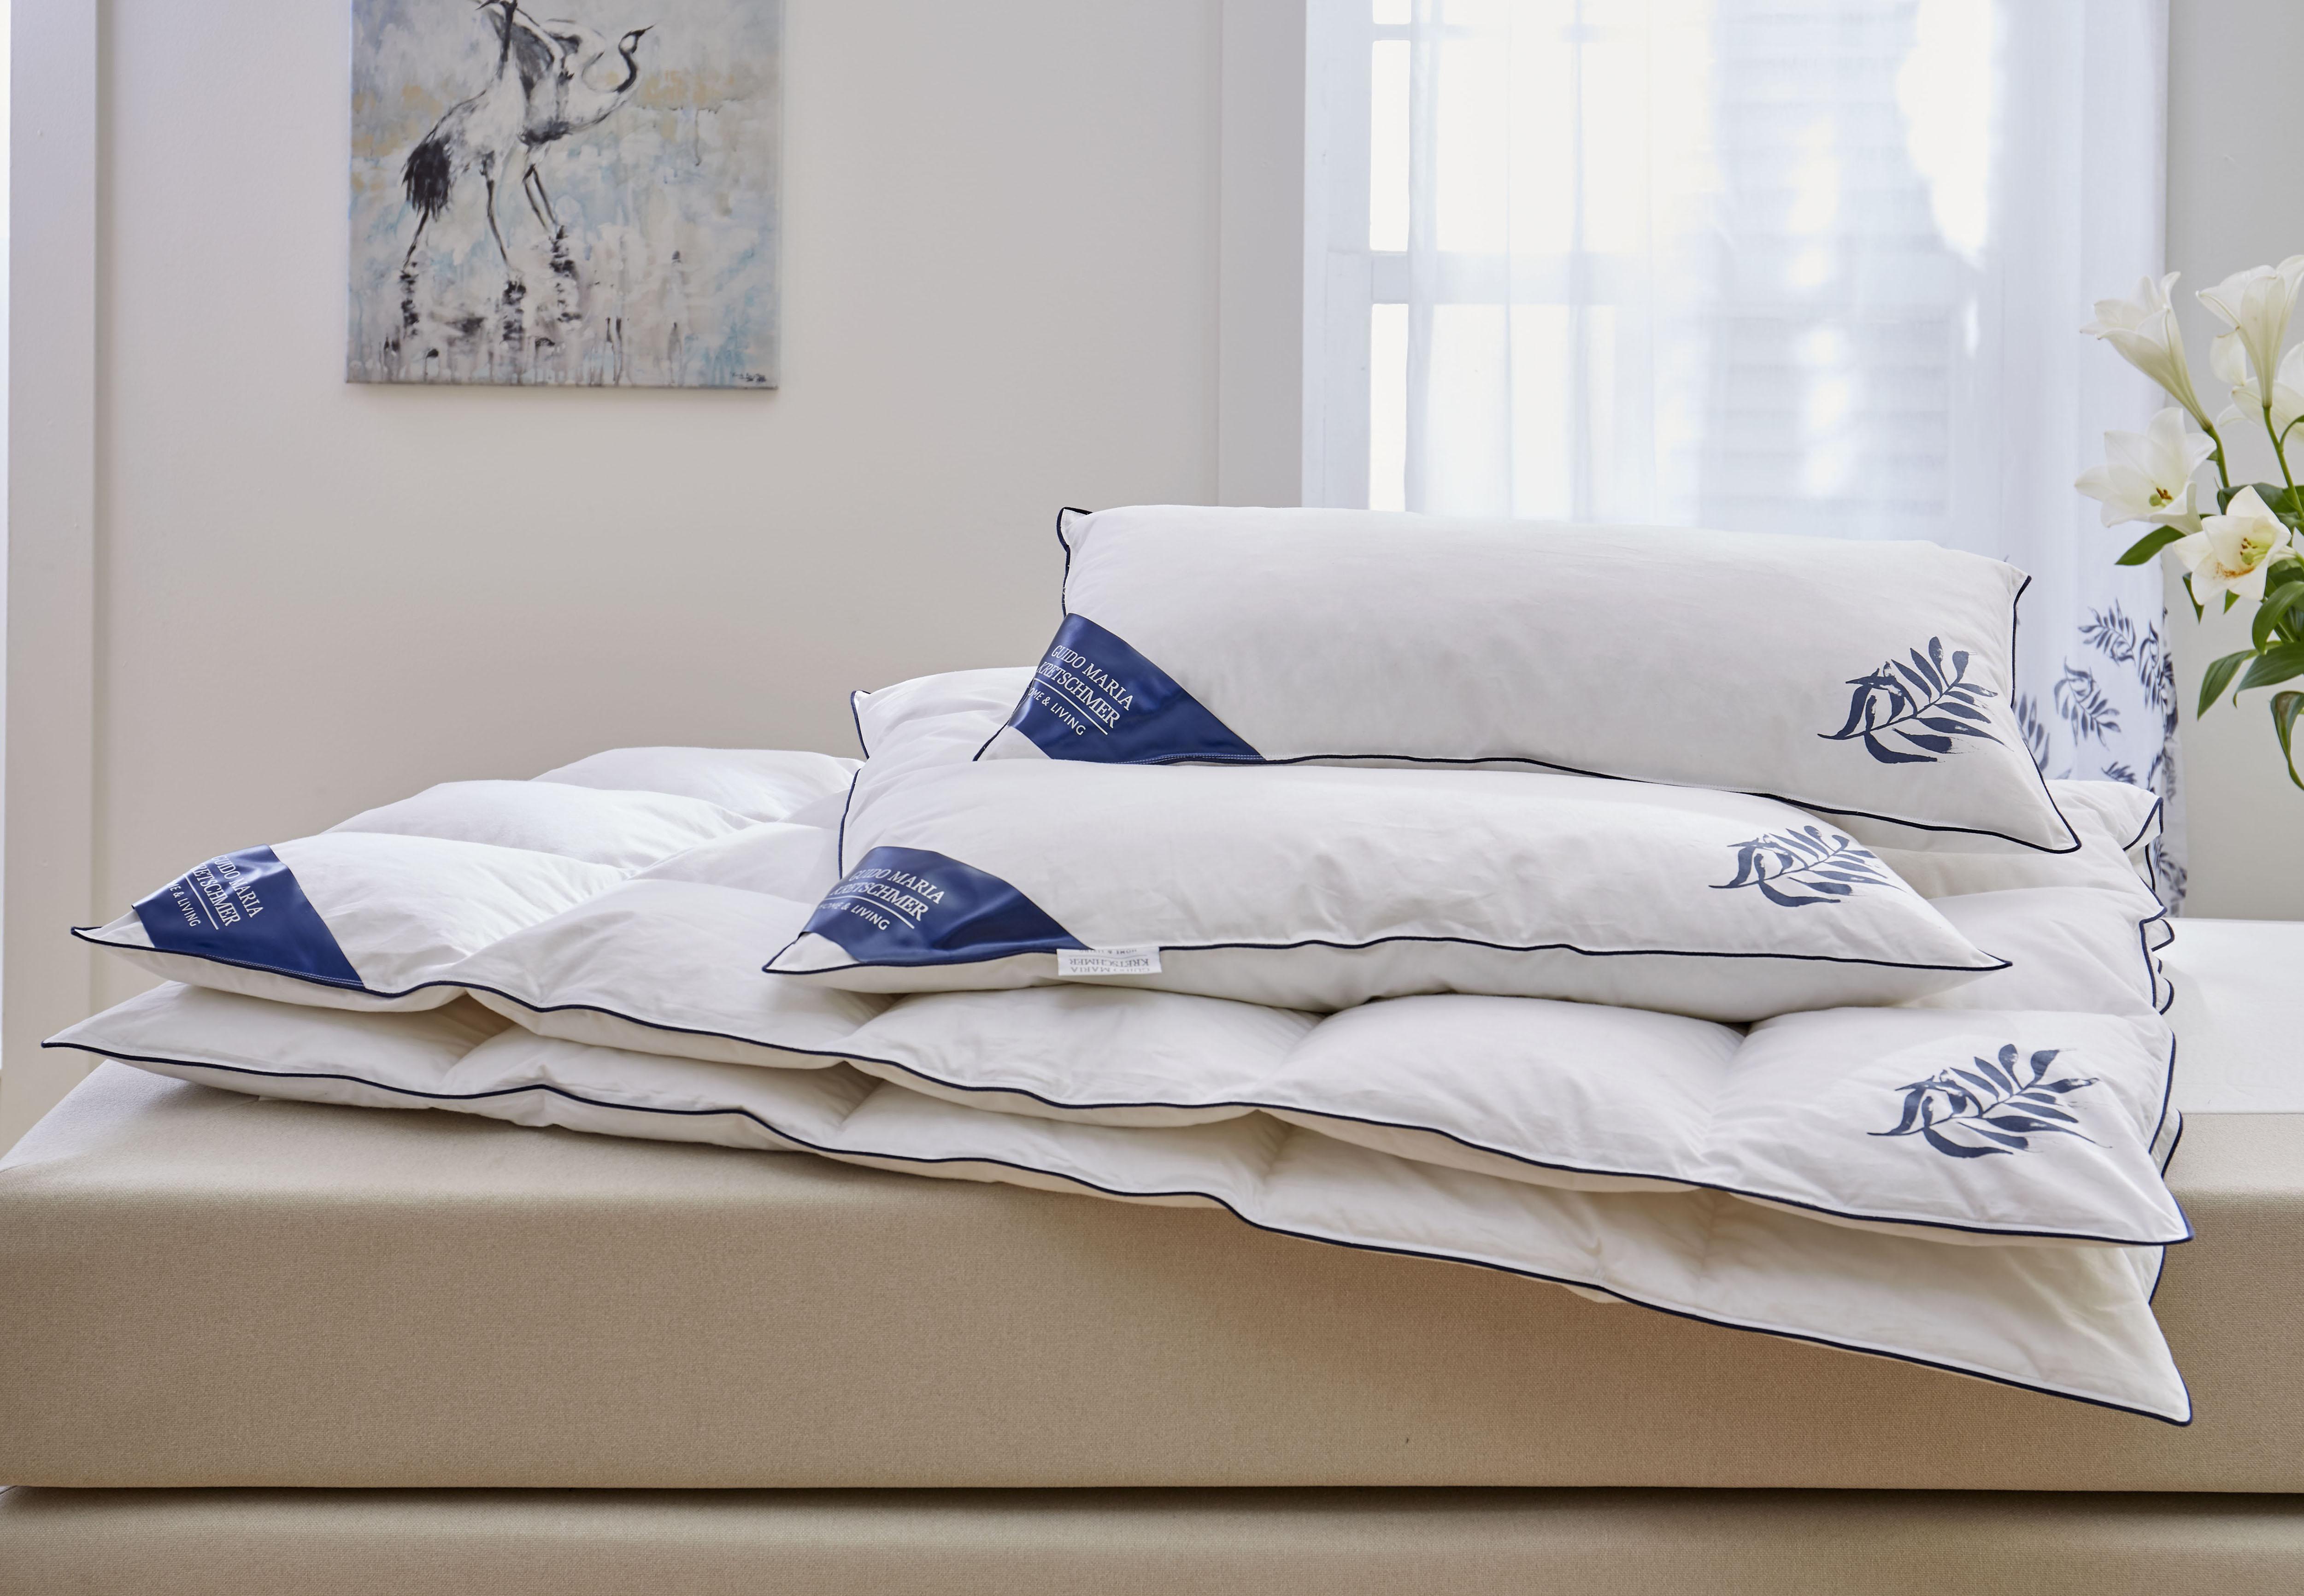 Daunenbettdecke + Kopfkissen Jasmin Guido Maria Kretschmer Home&Living leicht (Set)